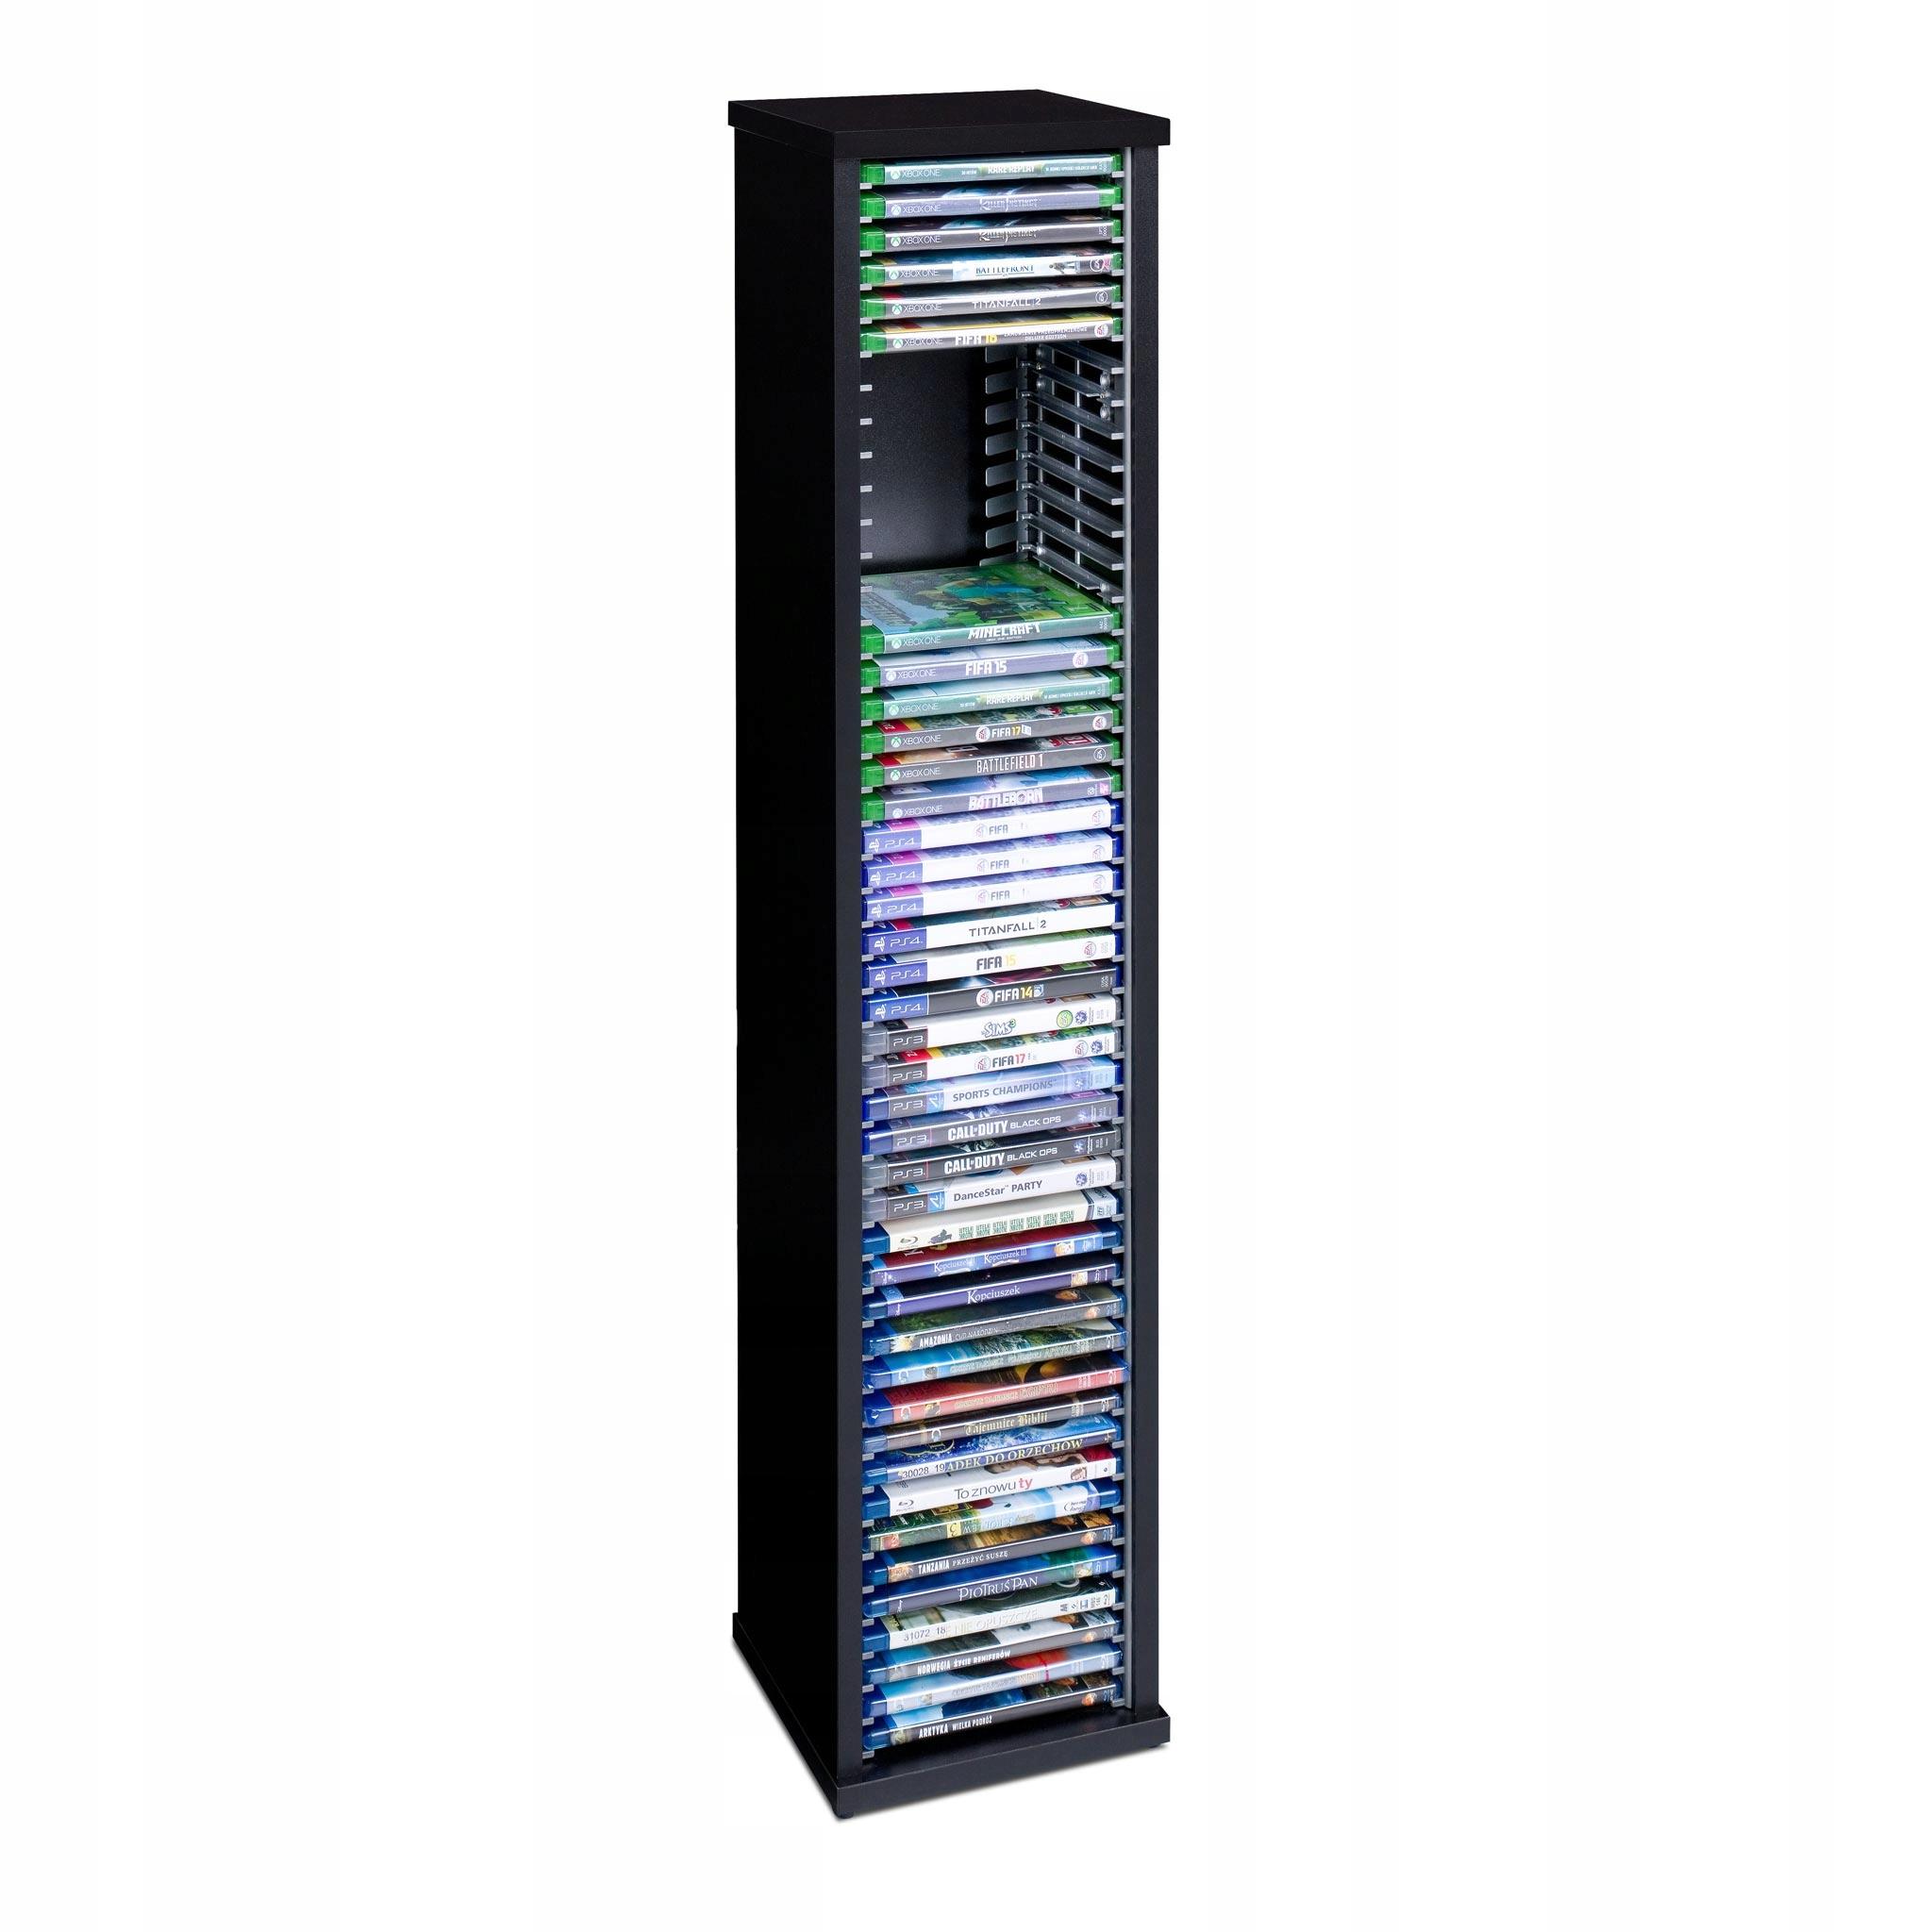 Stojan Kontajner Rack hra PS3 PS4 XBOX BLU-RAY 60